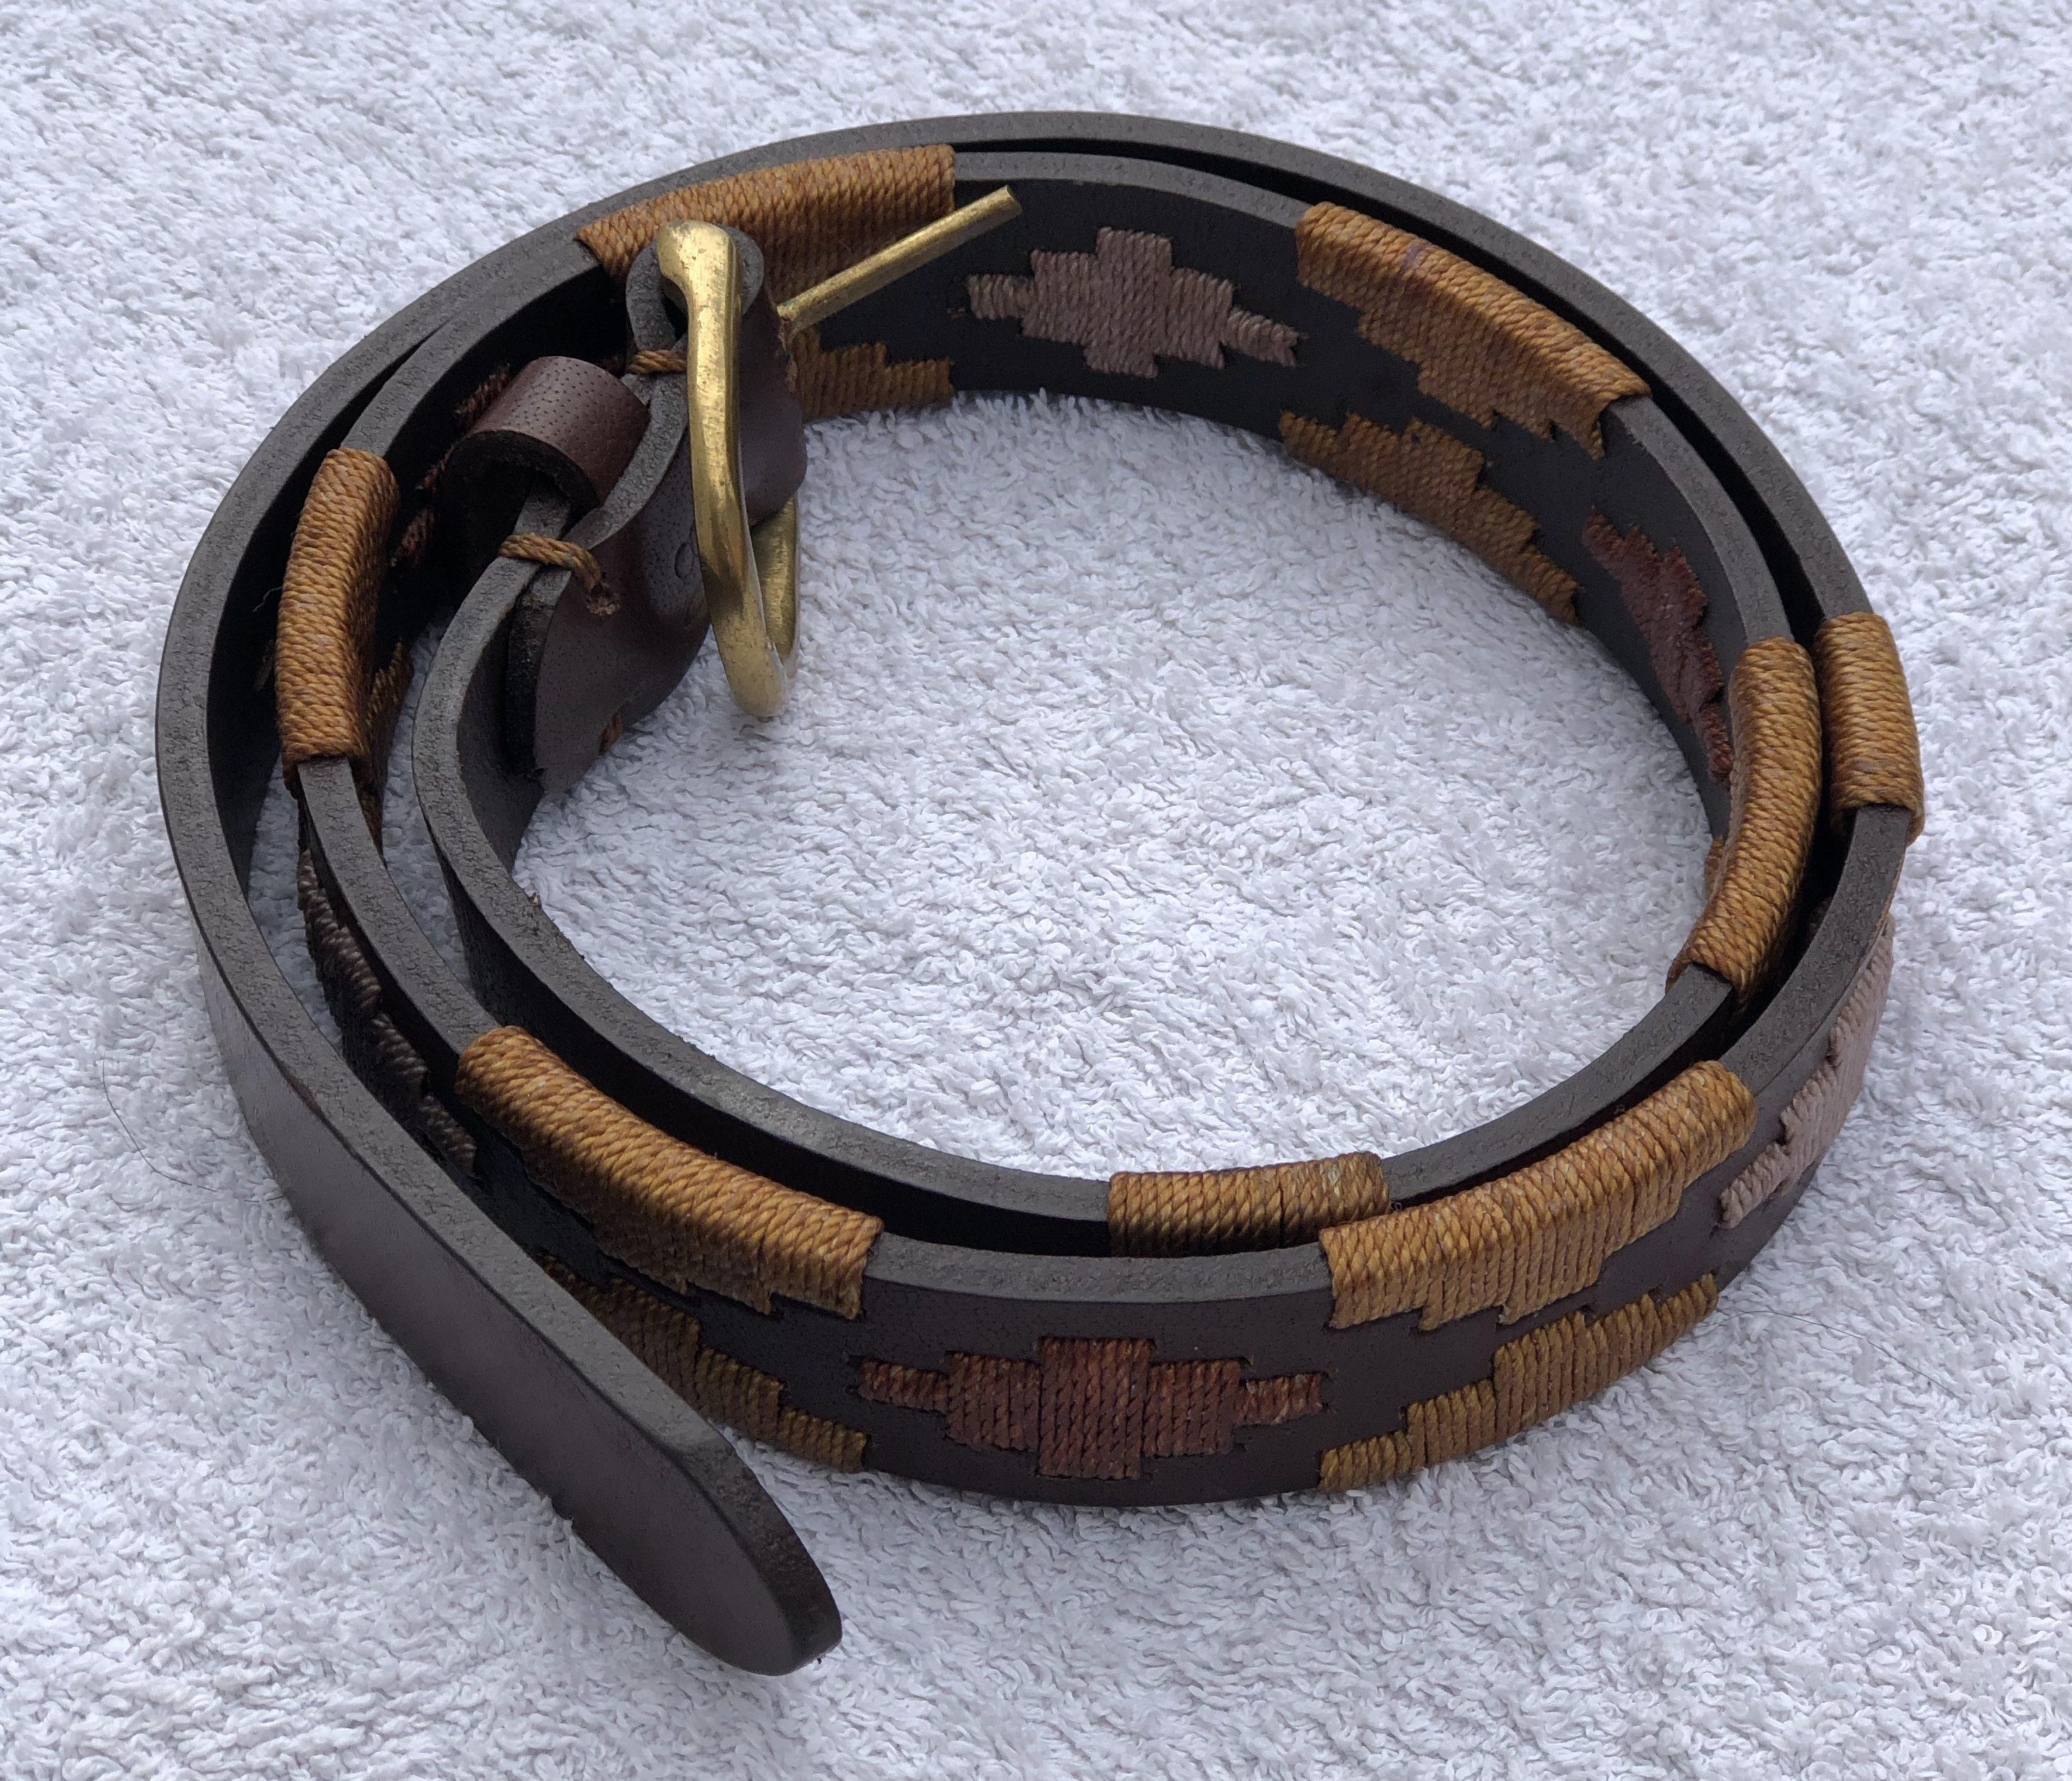 'Pardo' Polo Belt